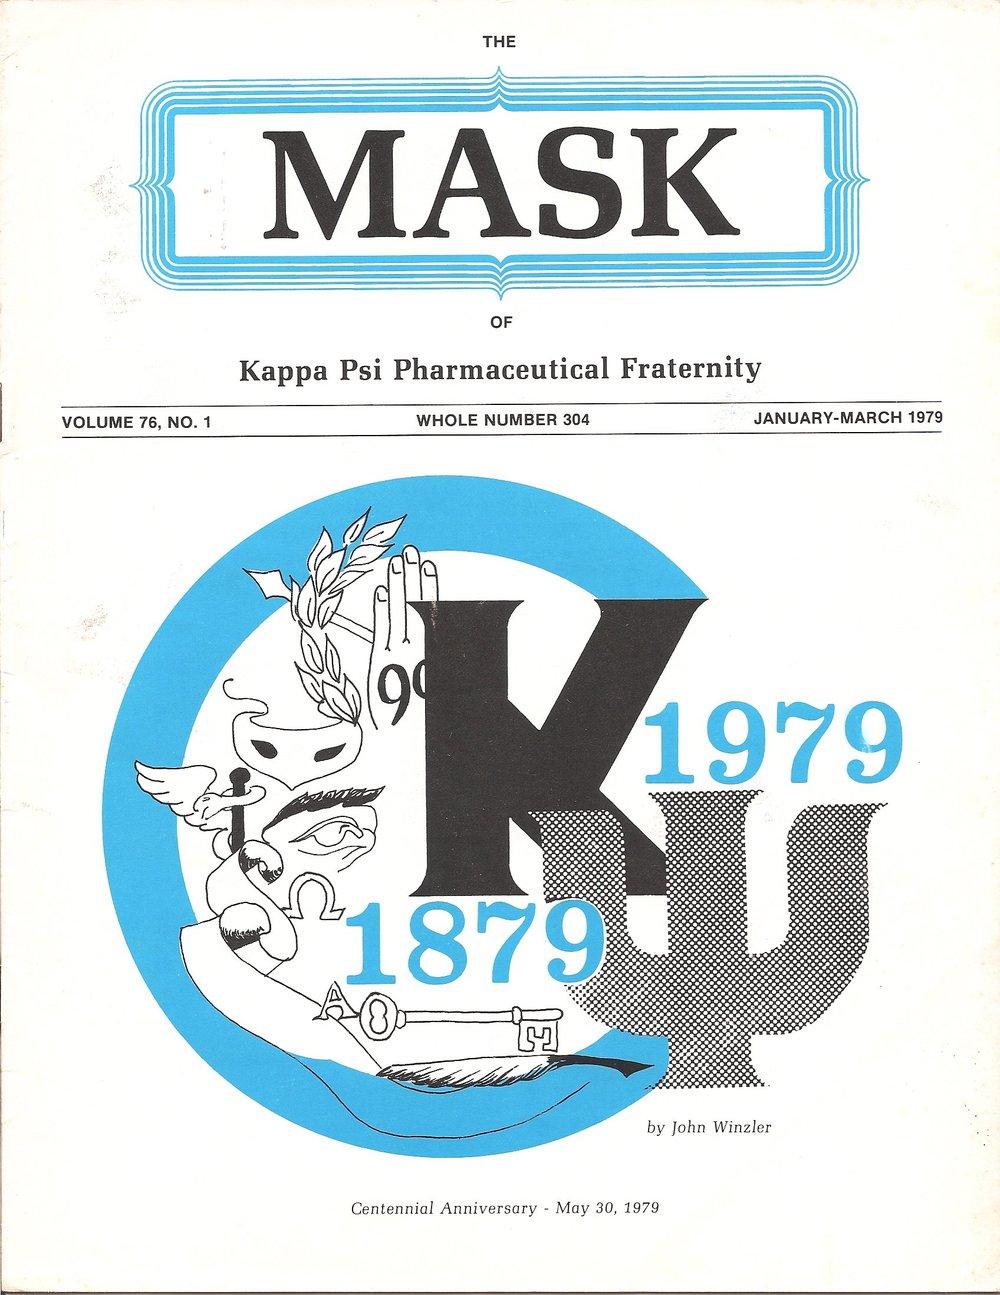 mask_cover_01_1979.jpg